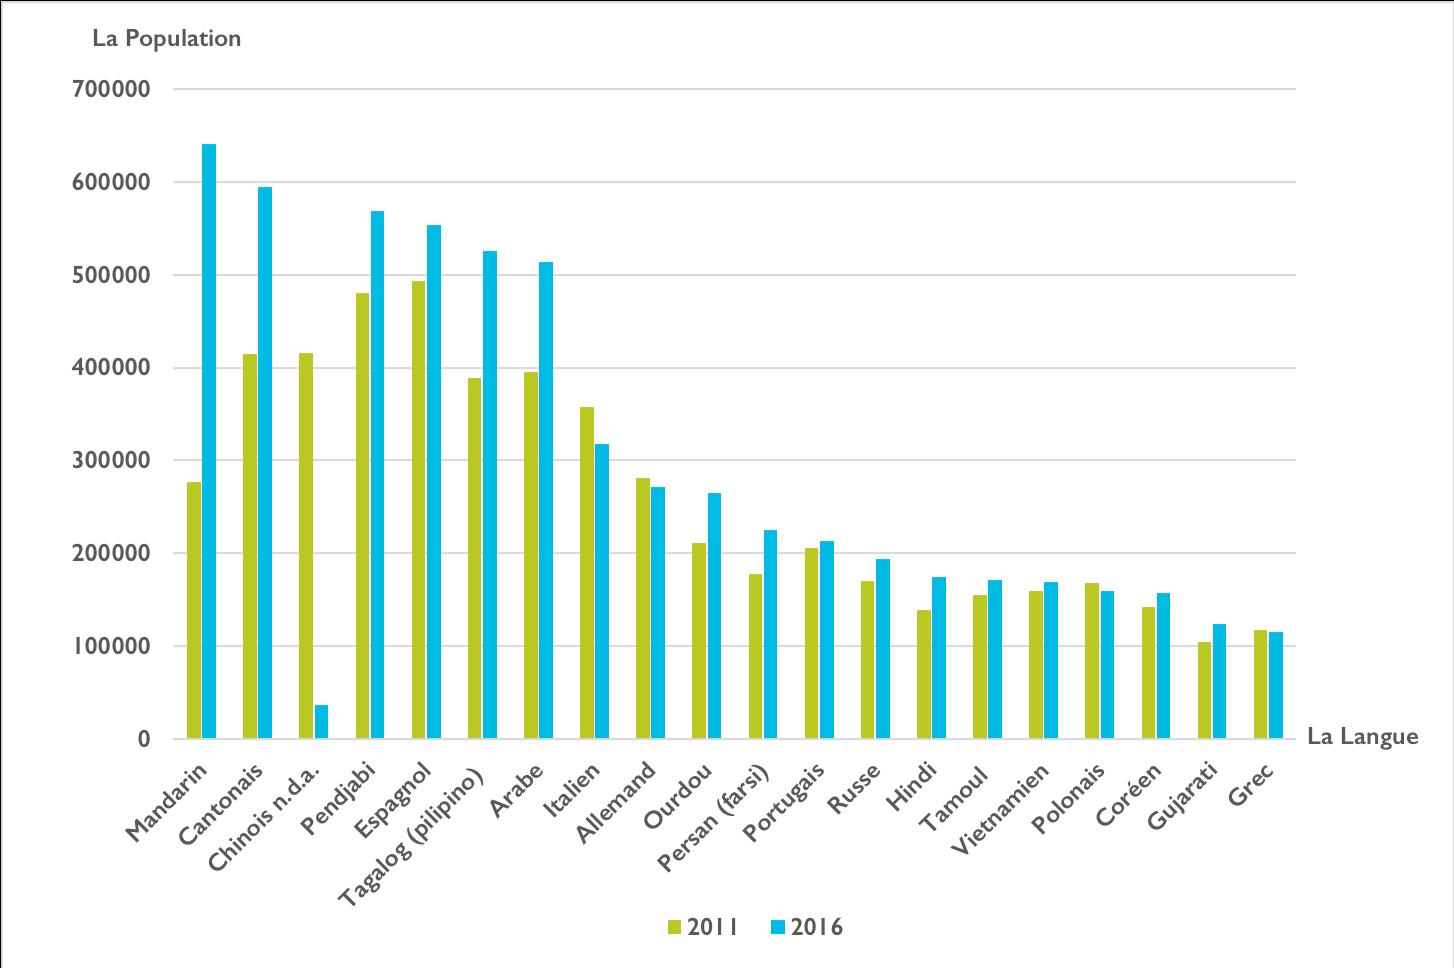 Un graphique illustrant croissance de 20 langues d'origine sur une période de 5 ans, entre 2011 et 2016. En 2011, les principales langues sont (de la croissance à la croissance la plus faible): espagnol, punjabi, cantonais, chinois, arabe, tagalog, italien, allemand, mandarin, ourdou, portugais, farsi, russe, polonais, vietnamien, tamoul, coréen, Grec et Gujarati.En 2016, les principales langues sont (de la croissance à la croissance la plus faible): mandarin, cantonais, punjabi, espagnol, tagalog, arabe, italien, allemand, ourdou, farsi, portugais, russe, hindi, tamoul, vietnamien, polonais, coréen, Gujarati, grec et chinois.